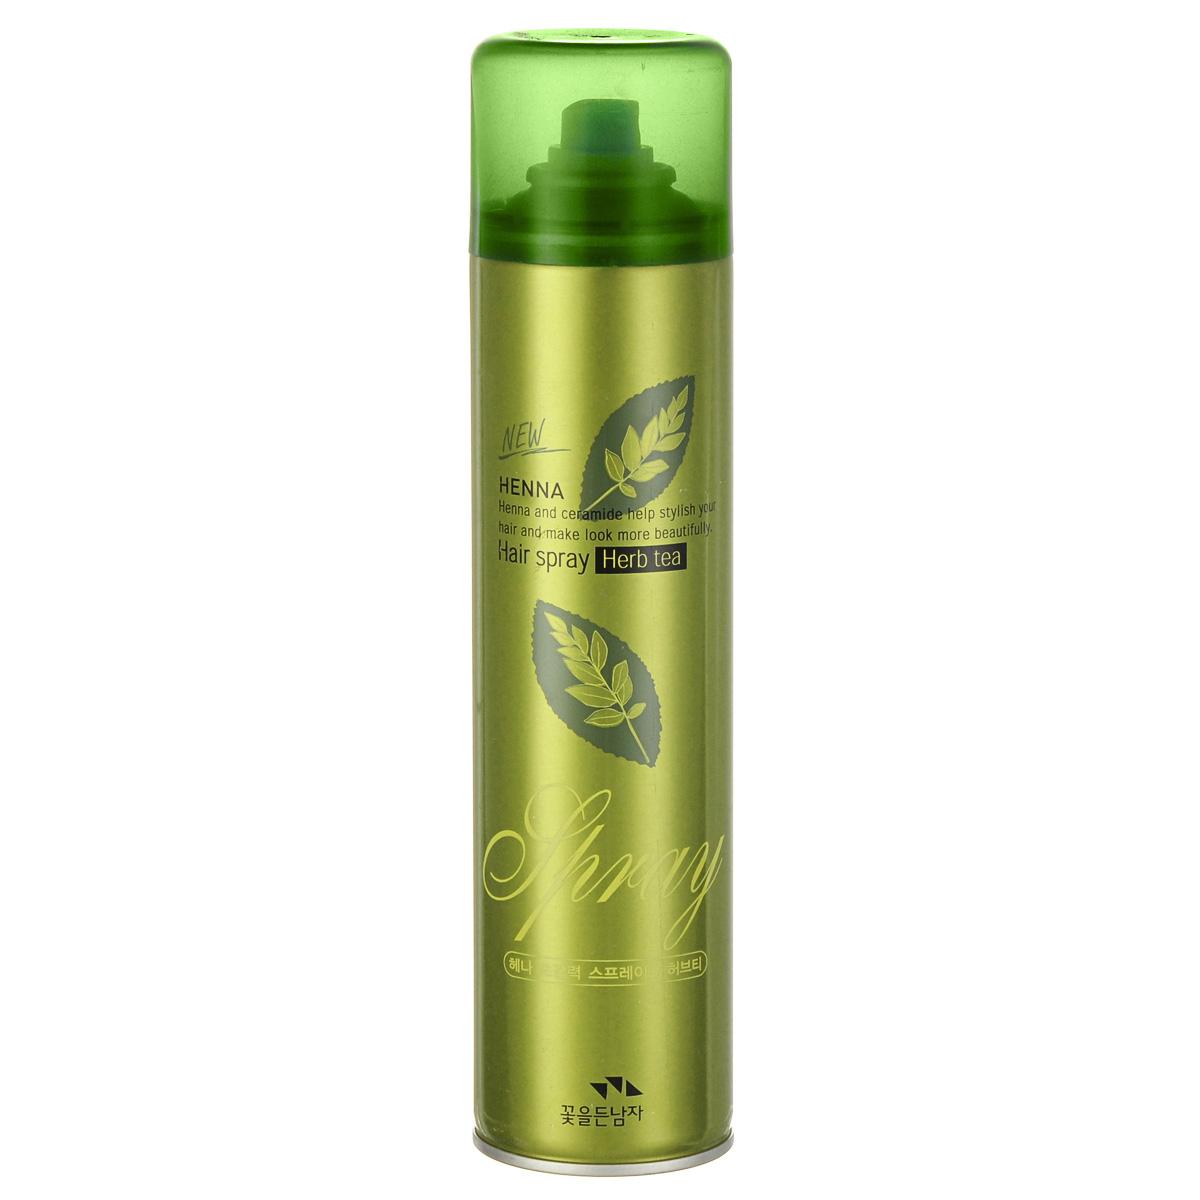 Somang Henna Лак для укладки волос, 300 мл605293Длительная укладка без ощущения липкости при прикосновении. Содержит керамид и гидролизованный кератин.Хна (Henna) используется в медицине и косметологии на протяжении тысяч лет. Под воздействием содержащихся в хне веществ, сжимается и уплотняется кутикула. Бесцветная хна лечит перхоть, укрепляет корни волос, препятствуя их выпадению, и отлично кондиционирует волосы, придавая им густоту и блеск